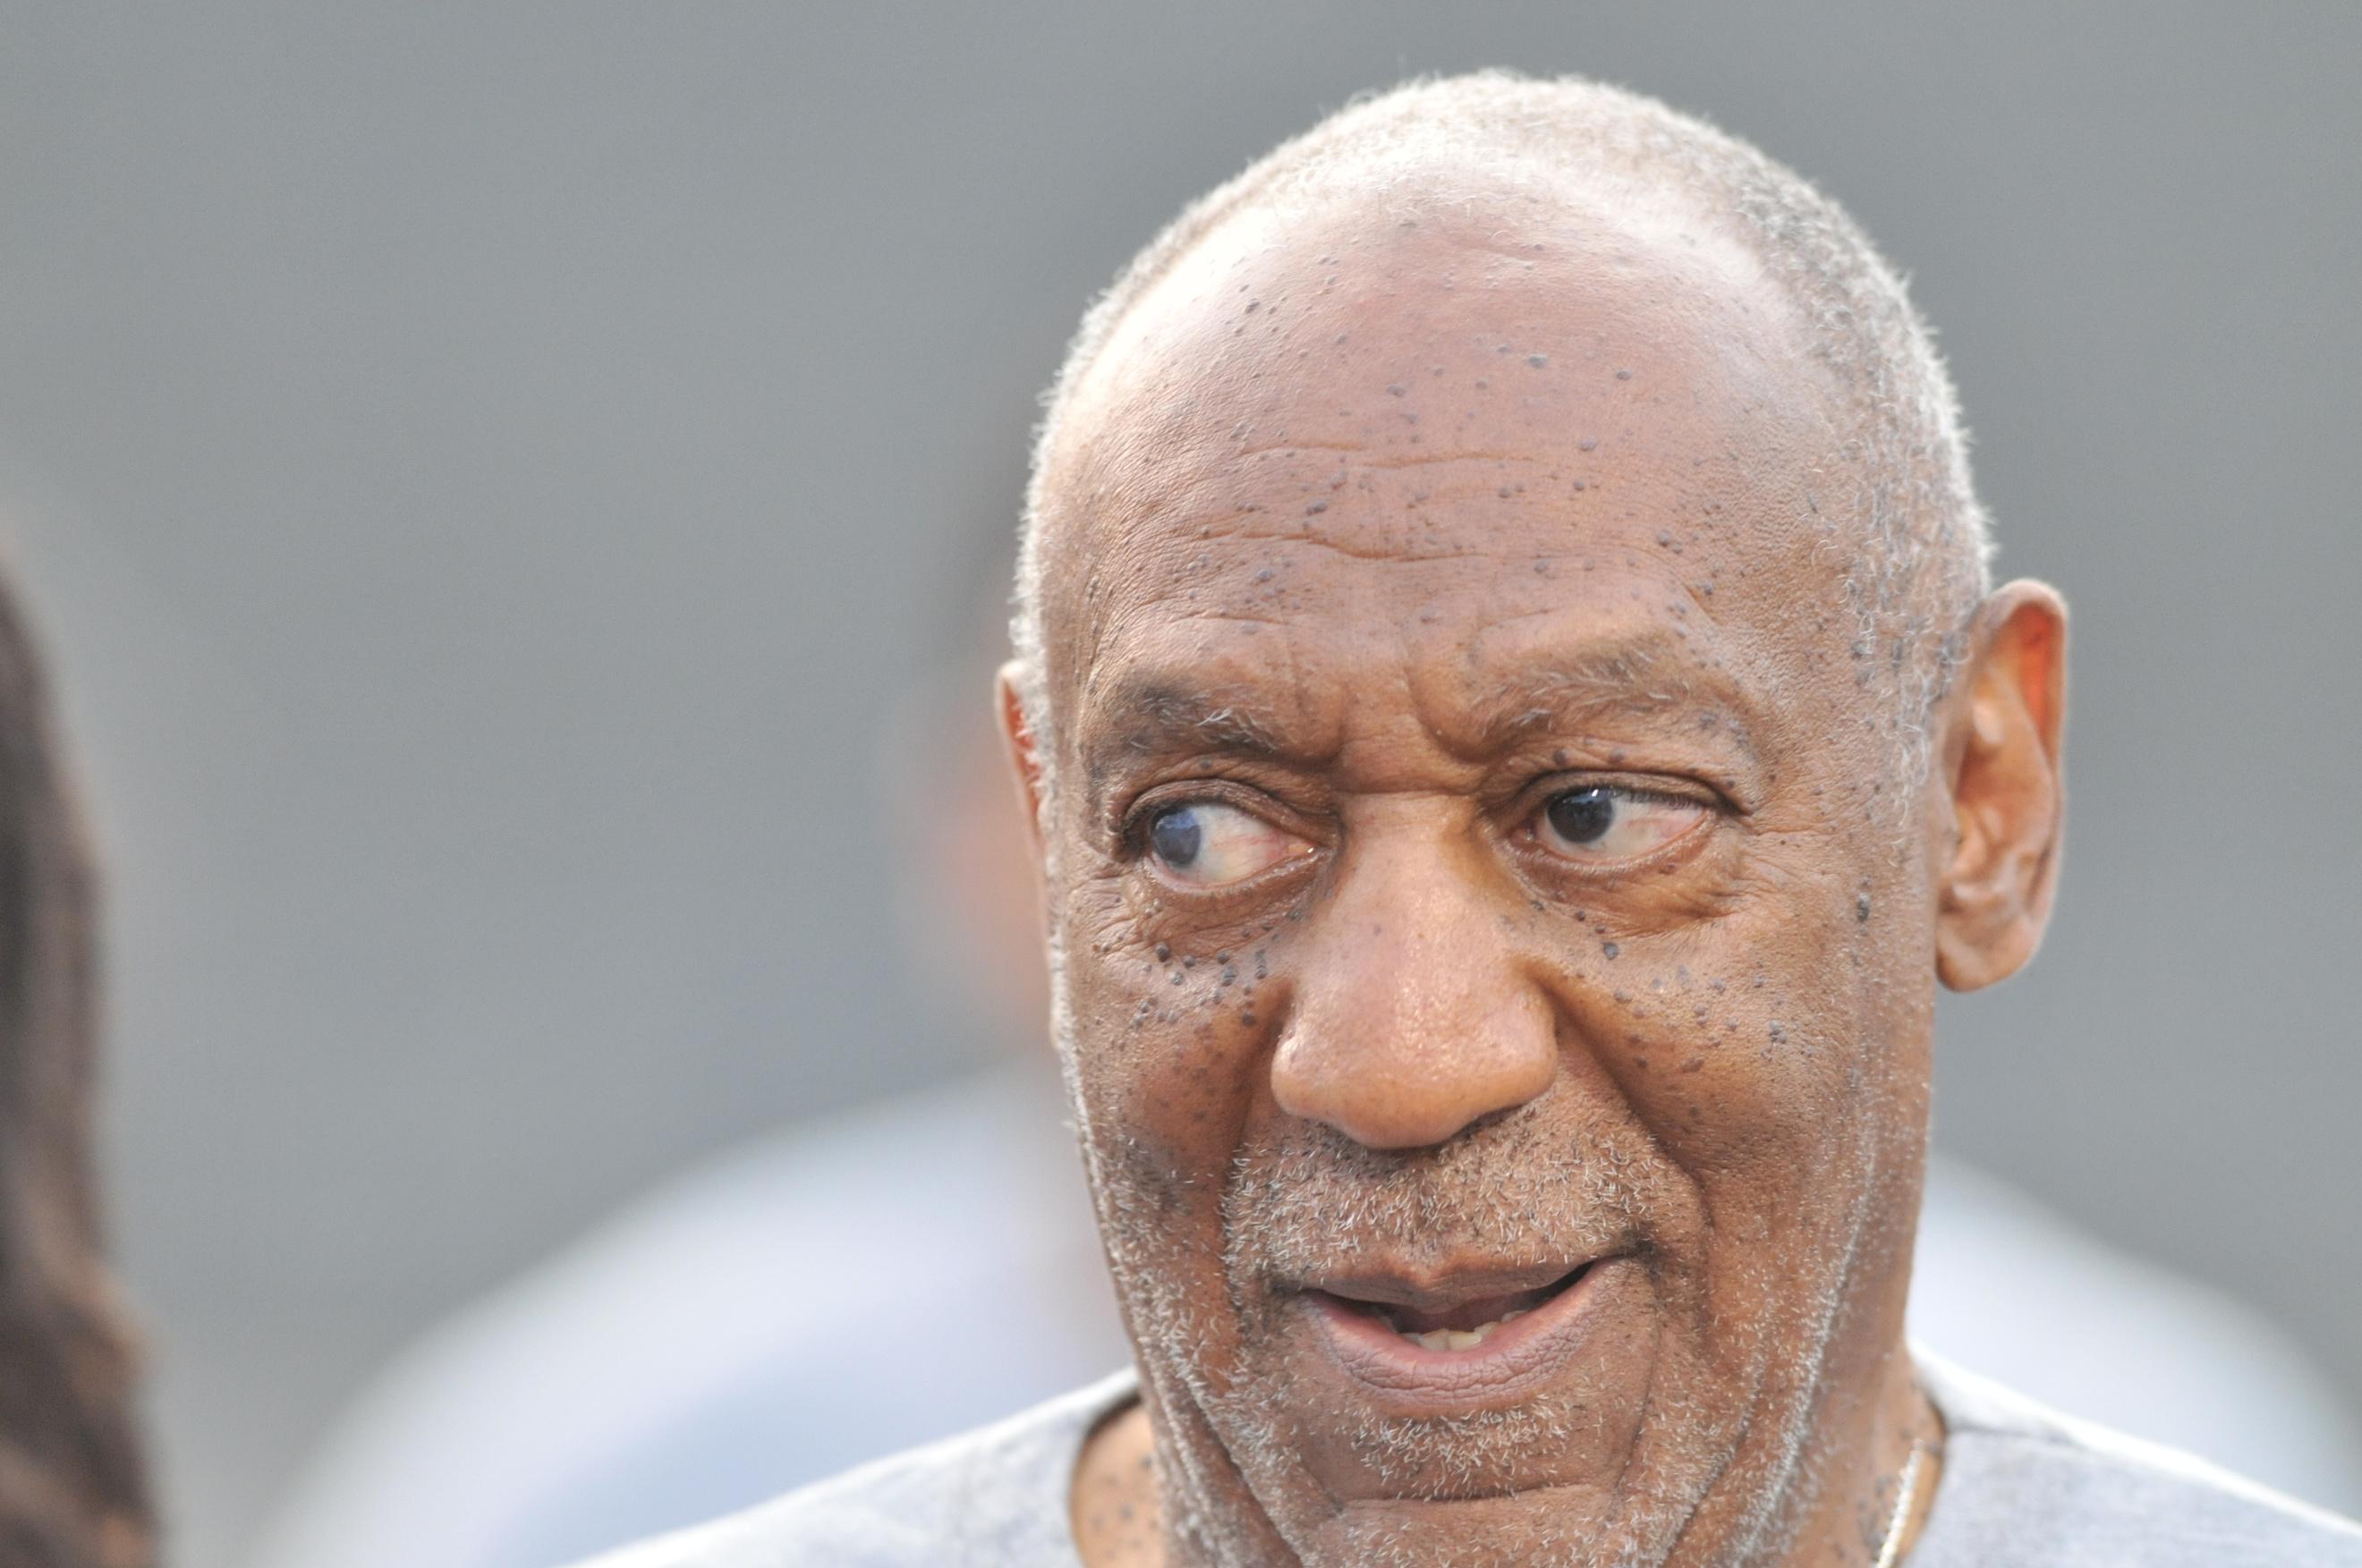 Bill Cosby beichtete seine Sex-Vorlieben schon 2005